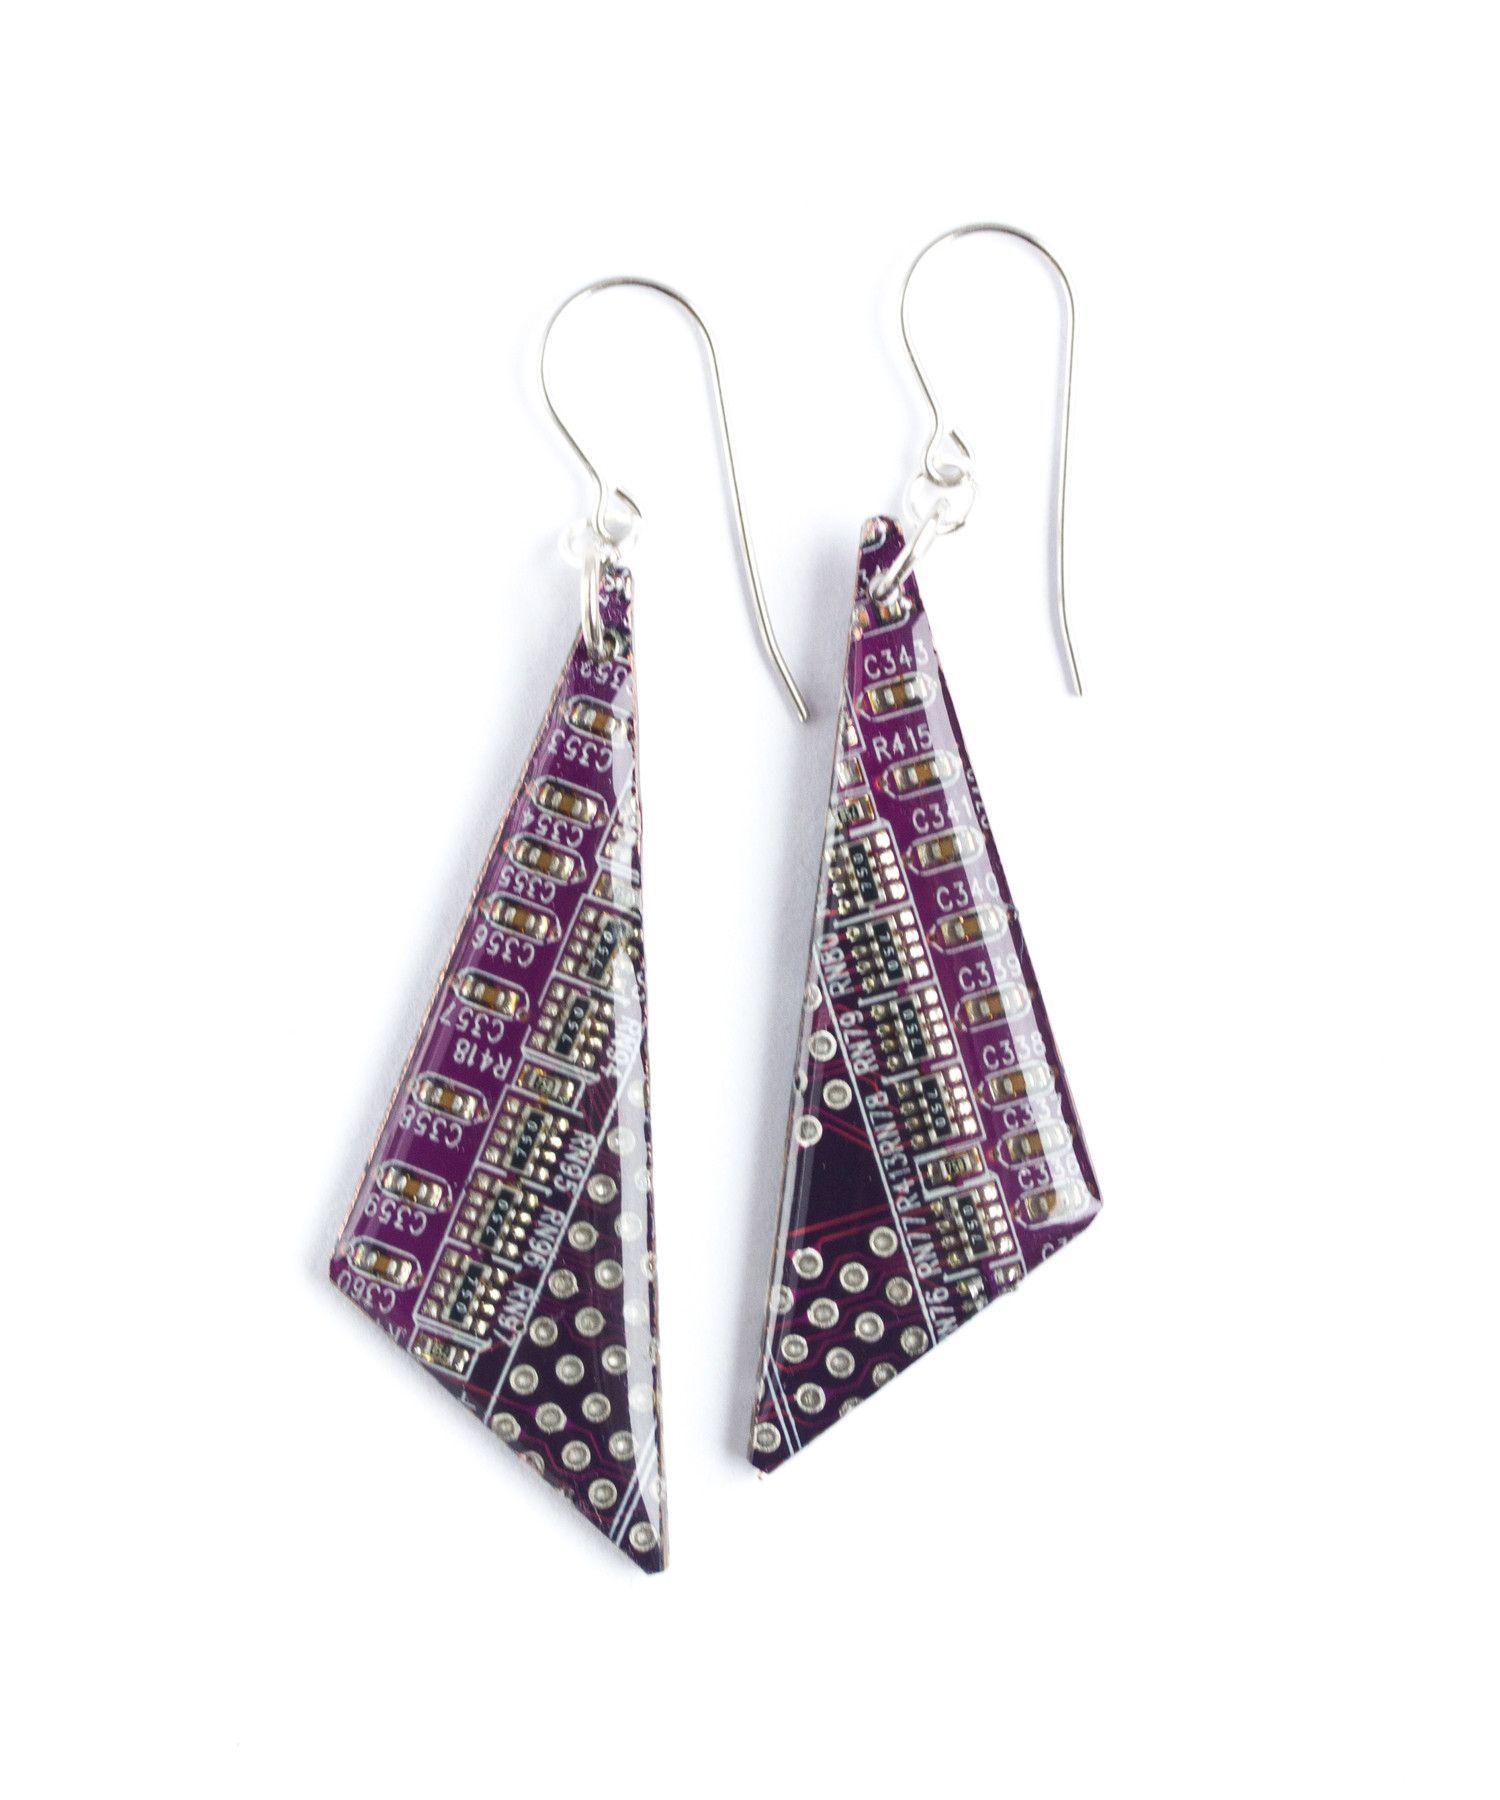 circuit board jewelry jewellery pinterest electricity sitetriangle circuit board earrings test earrings pinterest